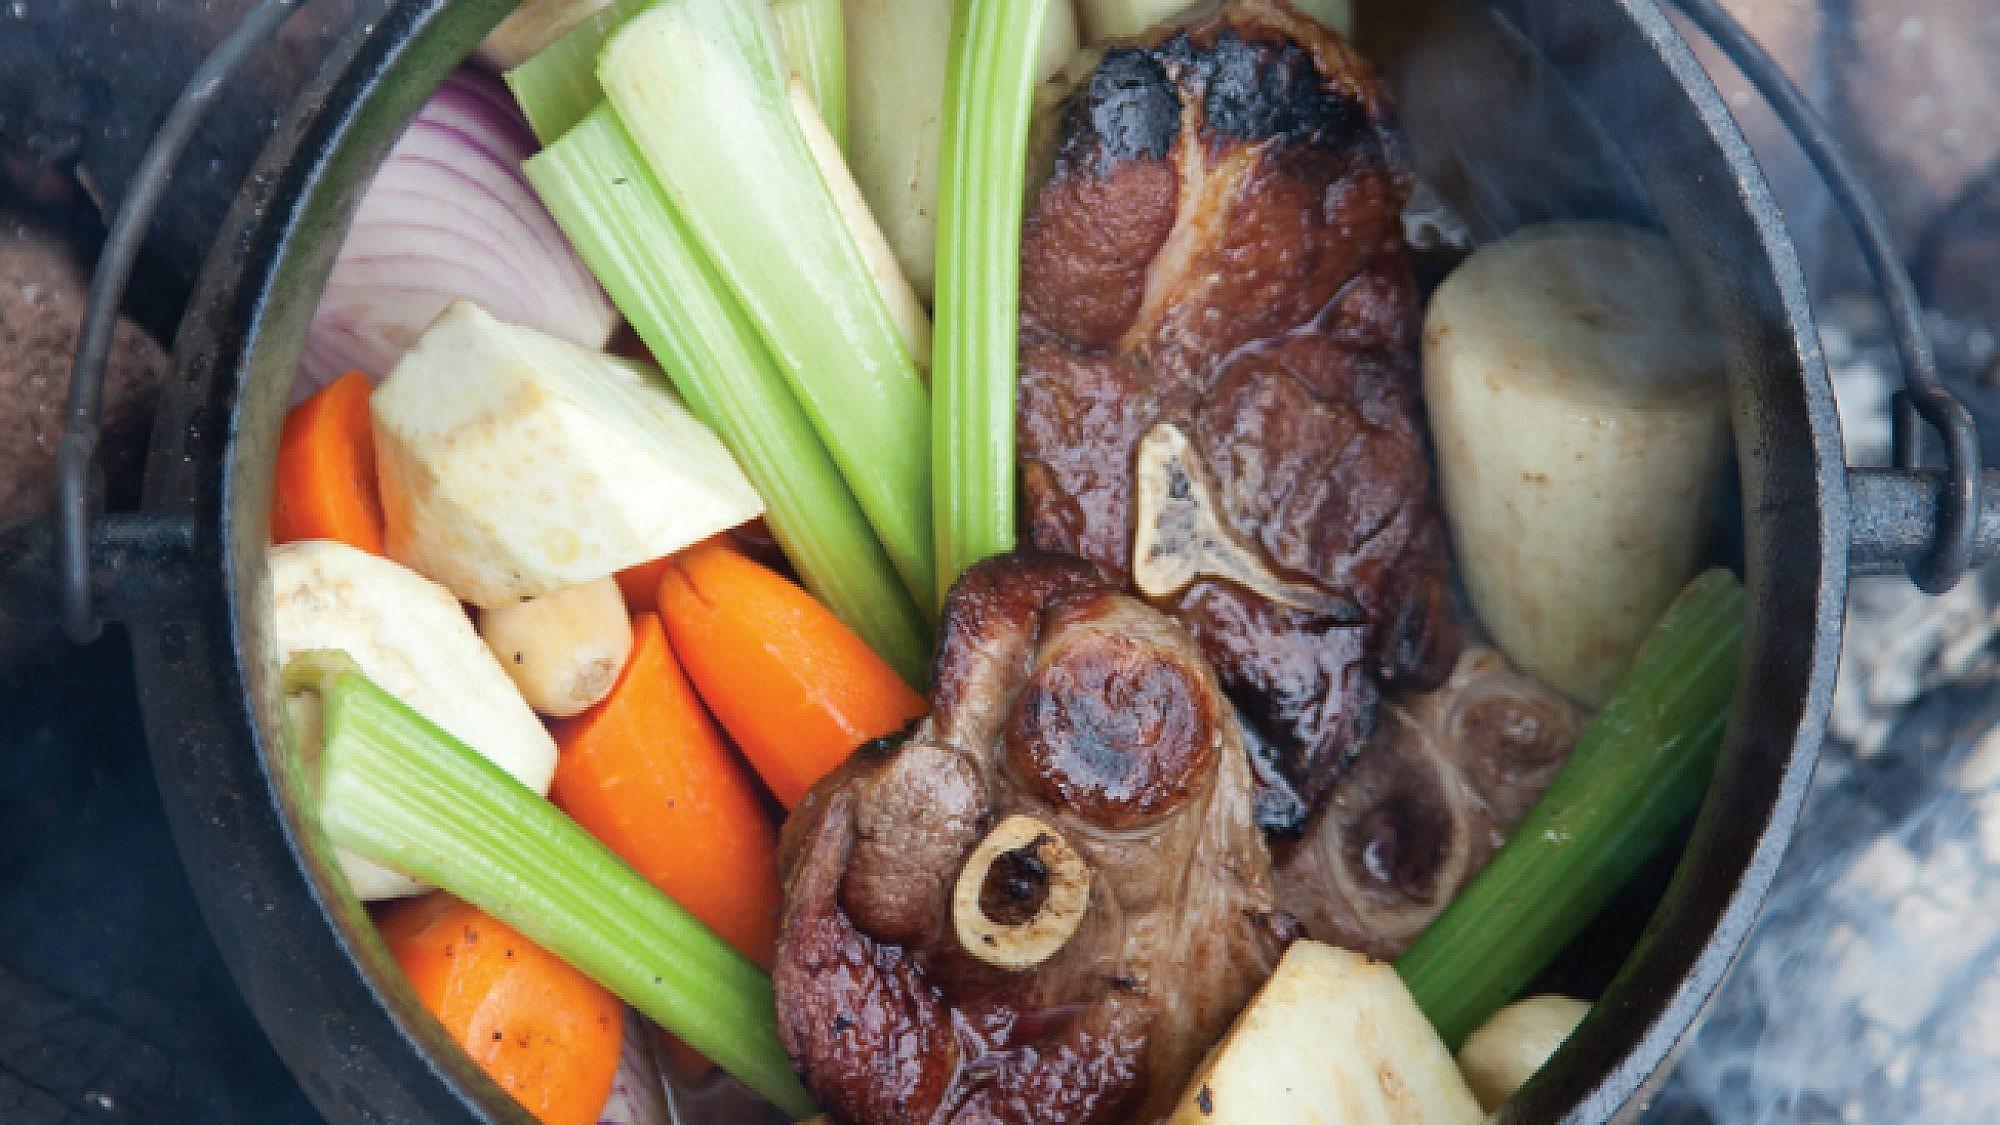 פויקה כתף טלה עם ירקות שורש. צילום: דניאל לילה | סגנון: עמית פרבר